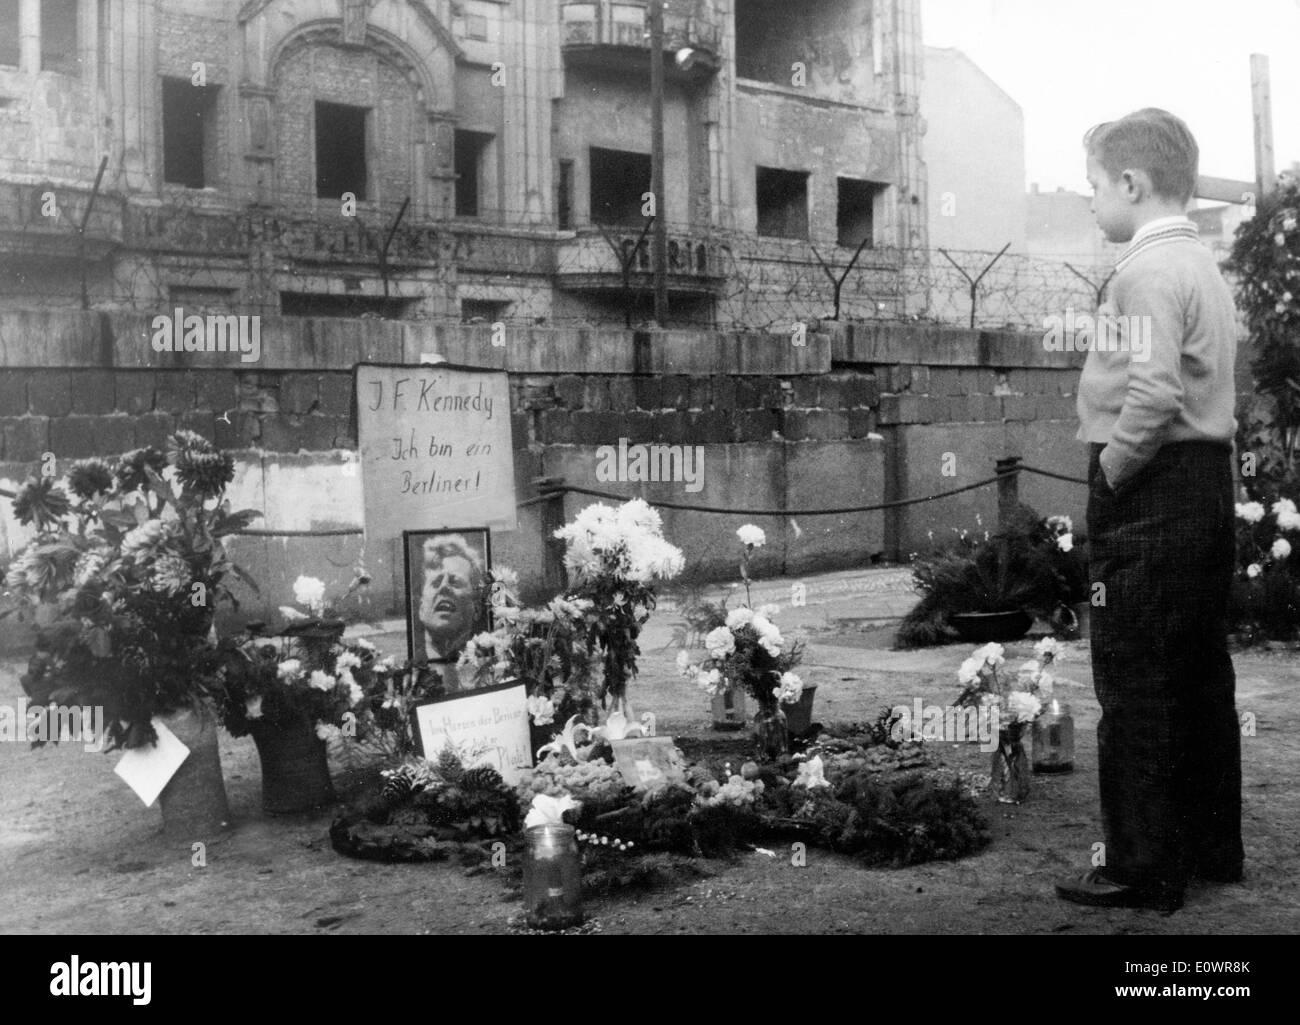 Young boy at JFK memorial in Berlin - Stock Image